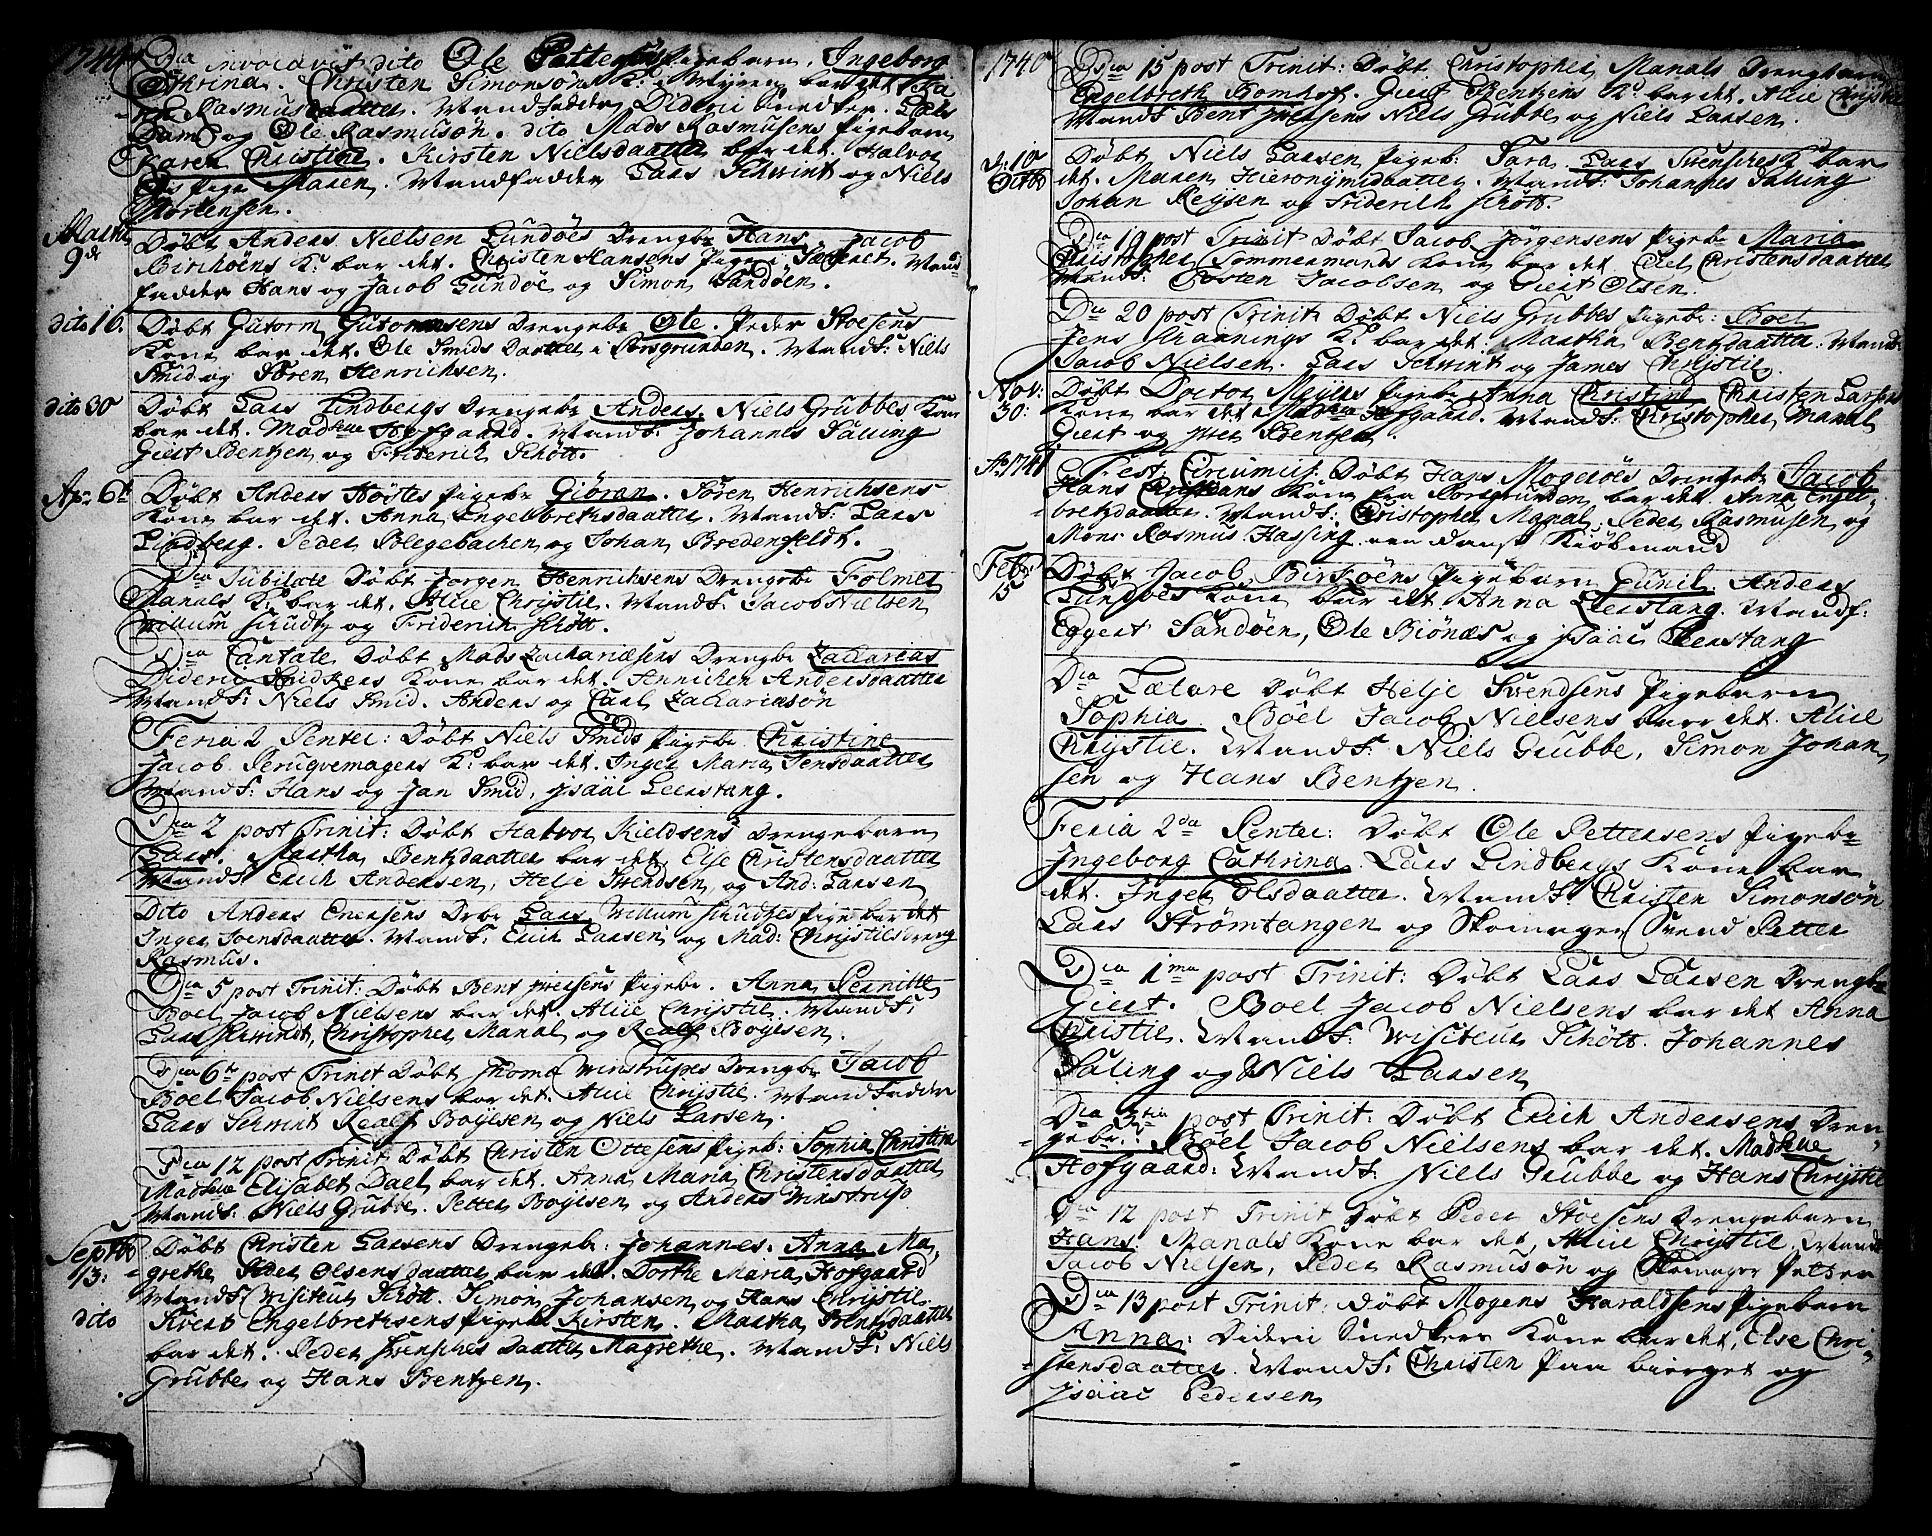 SAKO, Brevik kirkebøker, F/Fa/L0002: Ministerialbok nr. 2, 1720-1764, s. 34l